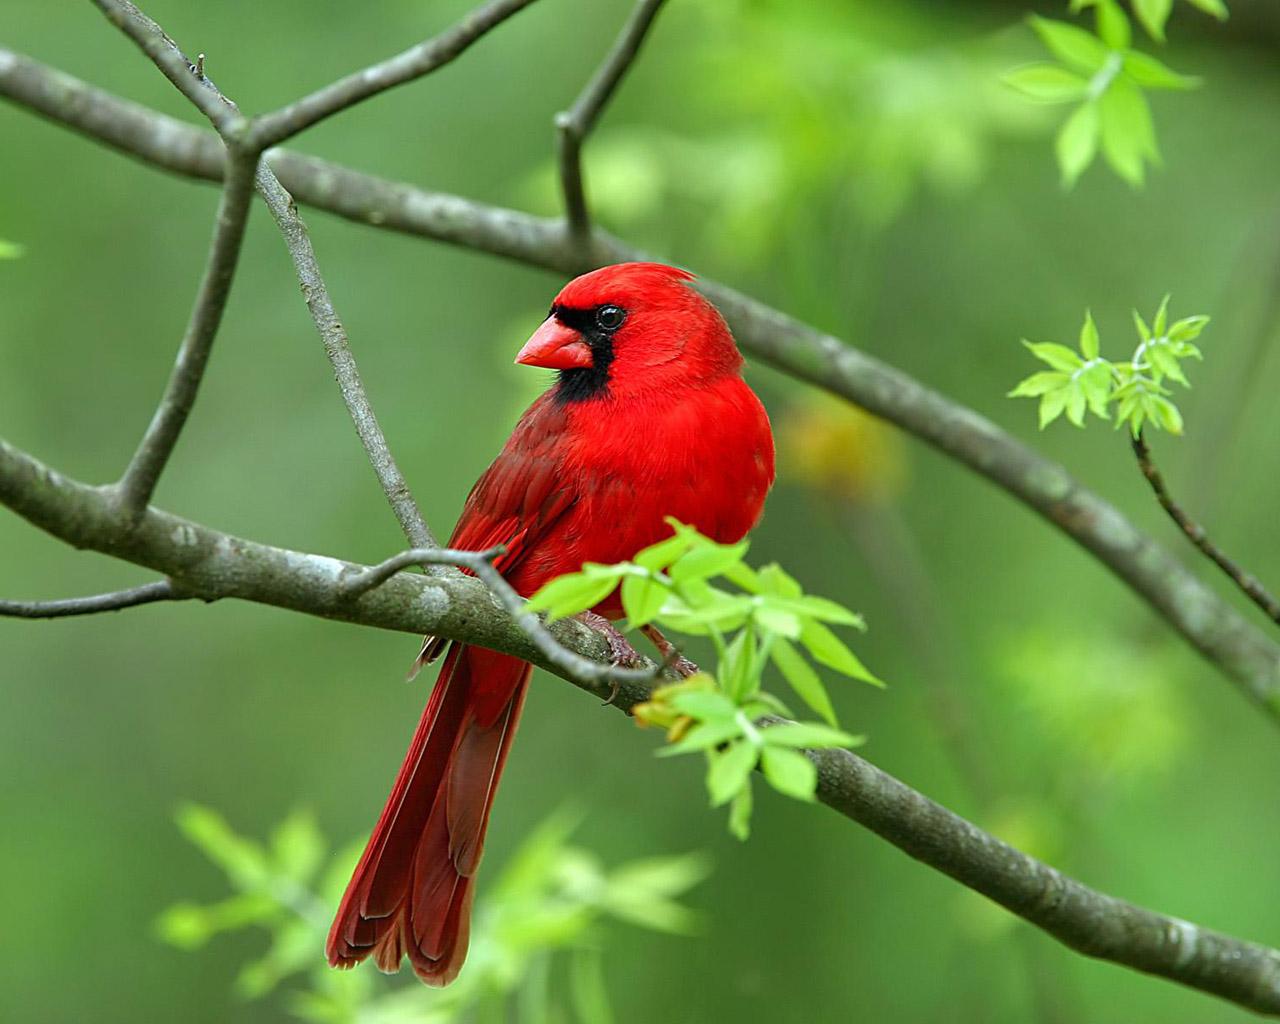 بالصور اجمل صور للعصافير , جمال العصافير تتجمع في هذه الصورة 3608 8